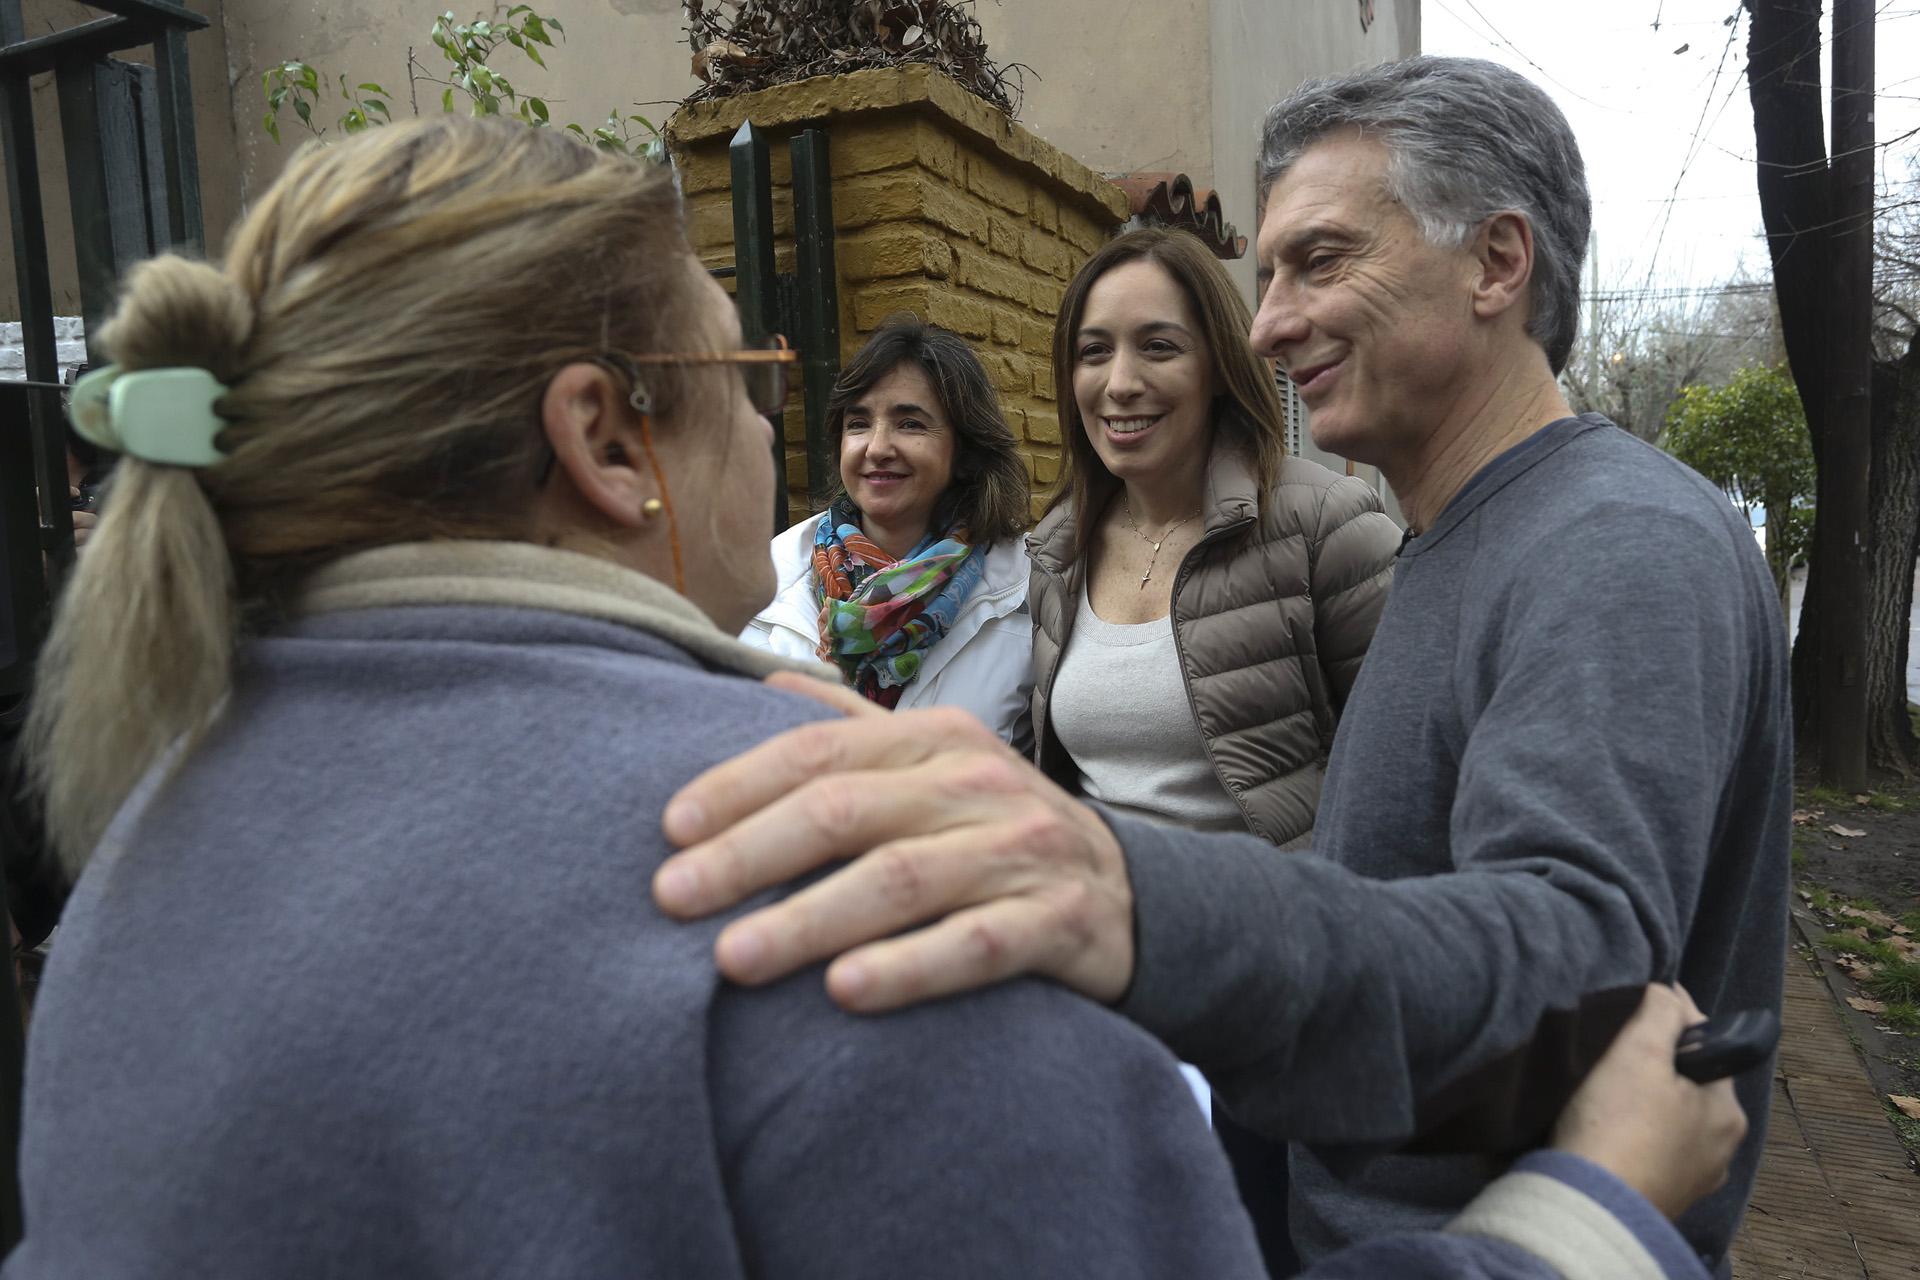 El Presidente de la Nación, Mauricio Macri junto la gobernadora de la Provincia de Buenos Aires, María Eugenia Vidal conversaron con vecinos